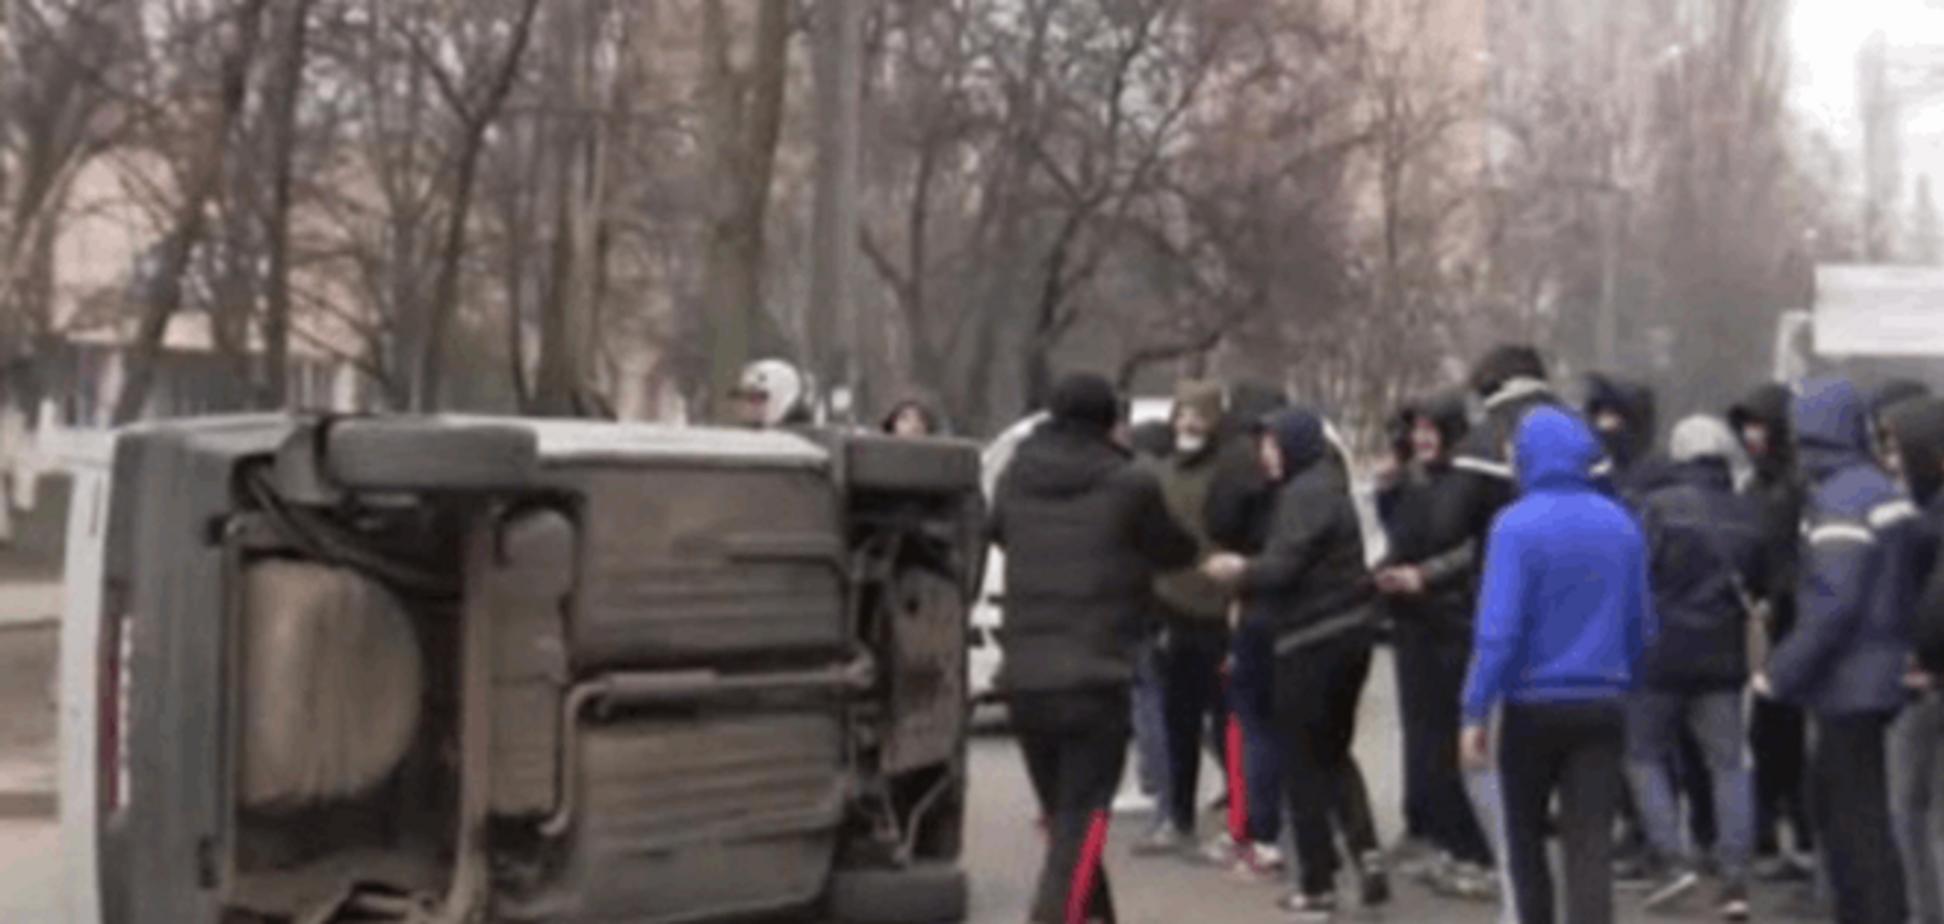 Скоро на всех экранах росСМИ: в Одессе сняли фейковое 'кино' о массовых беспорядках